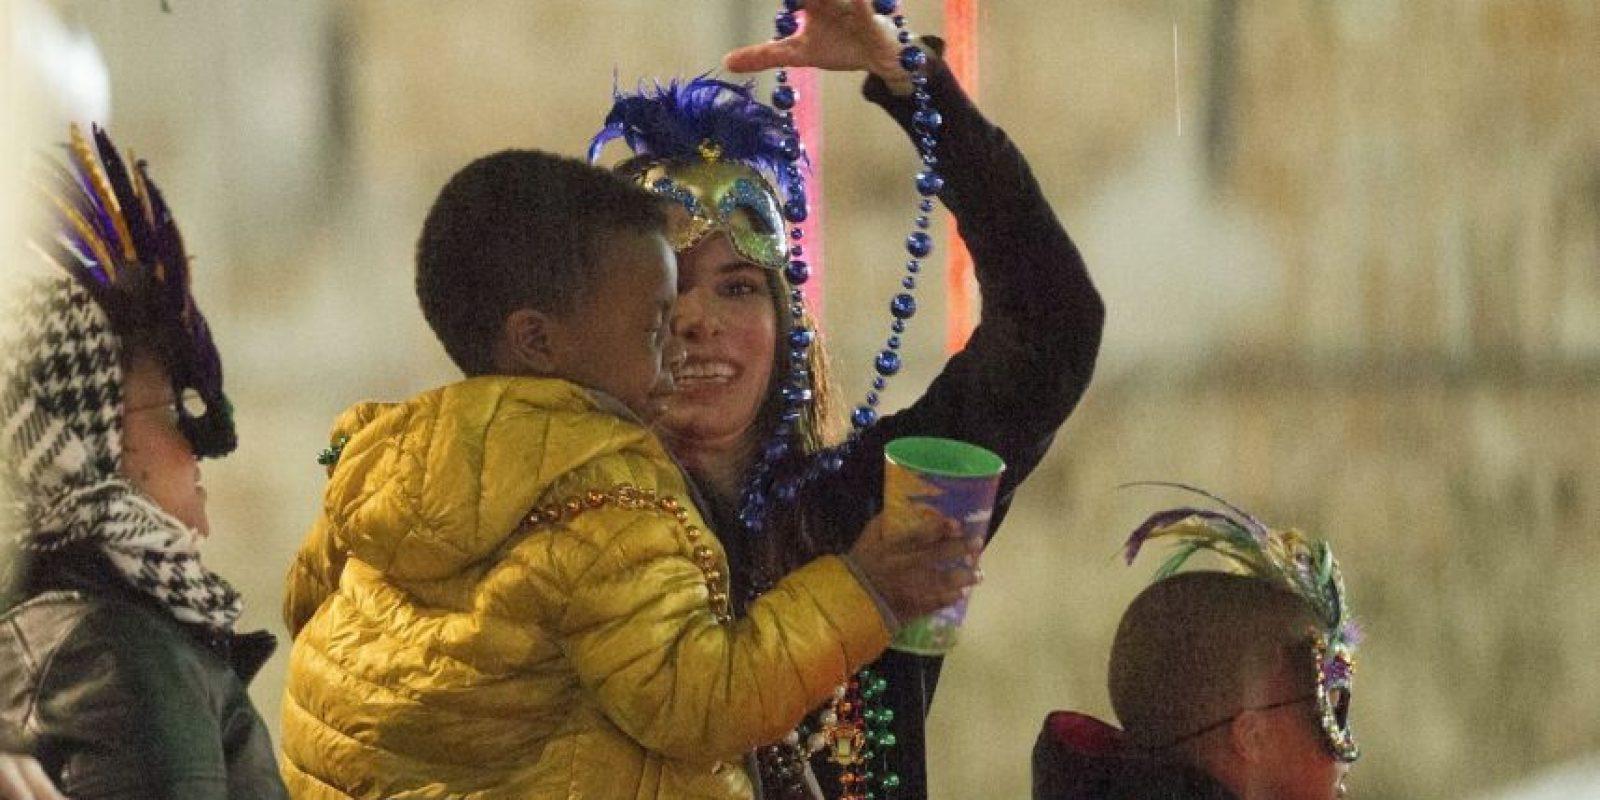 Y una hermanita con la que pasa divertidos momentos. Foto:The Grosby Group